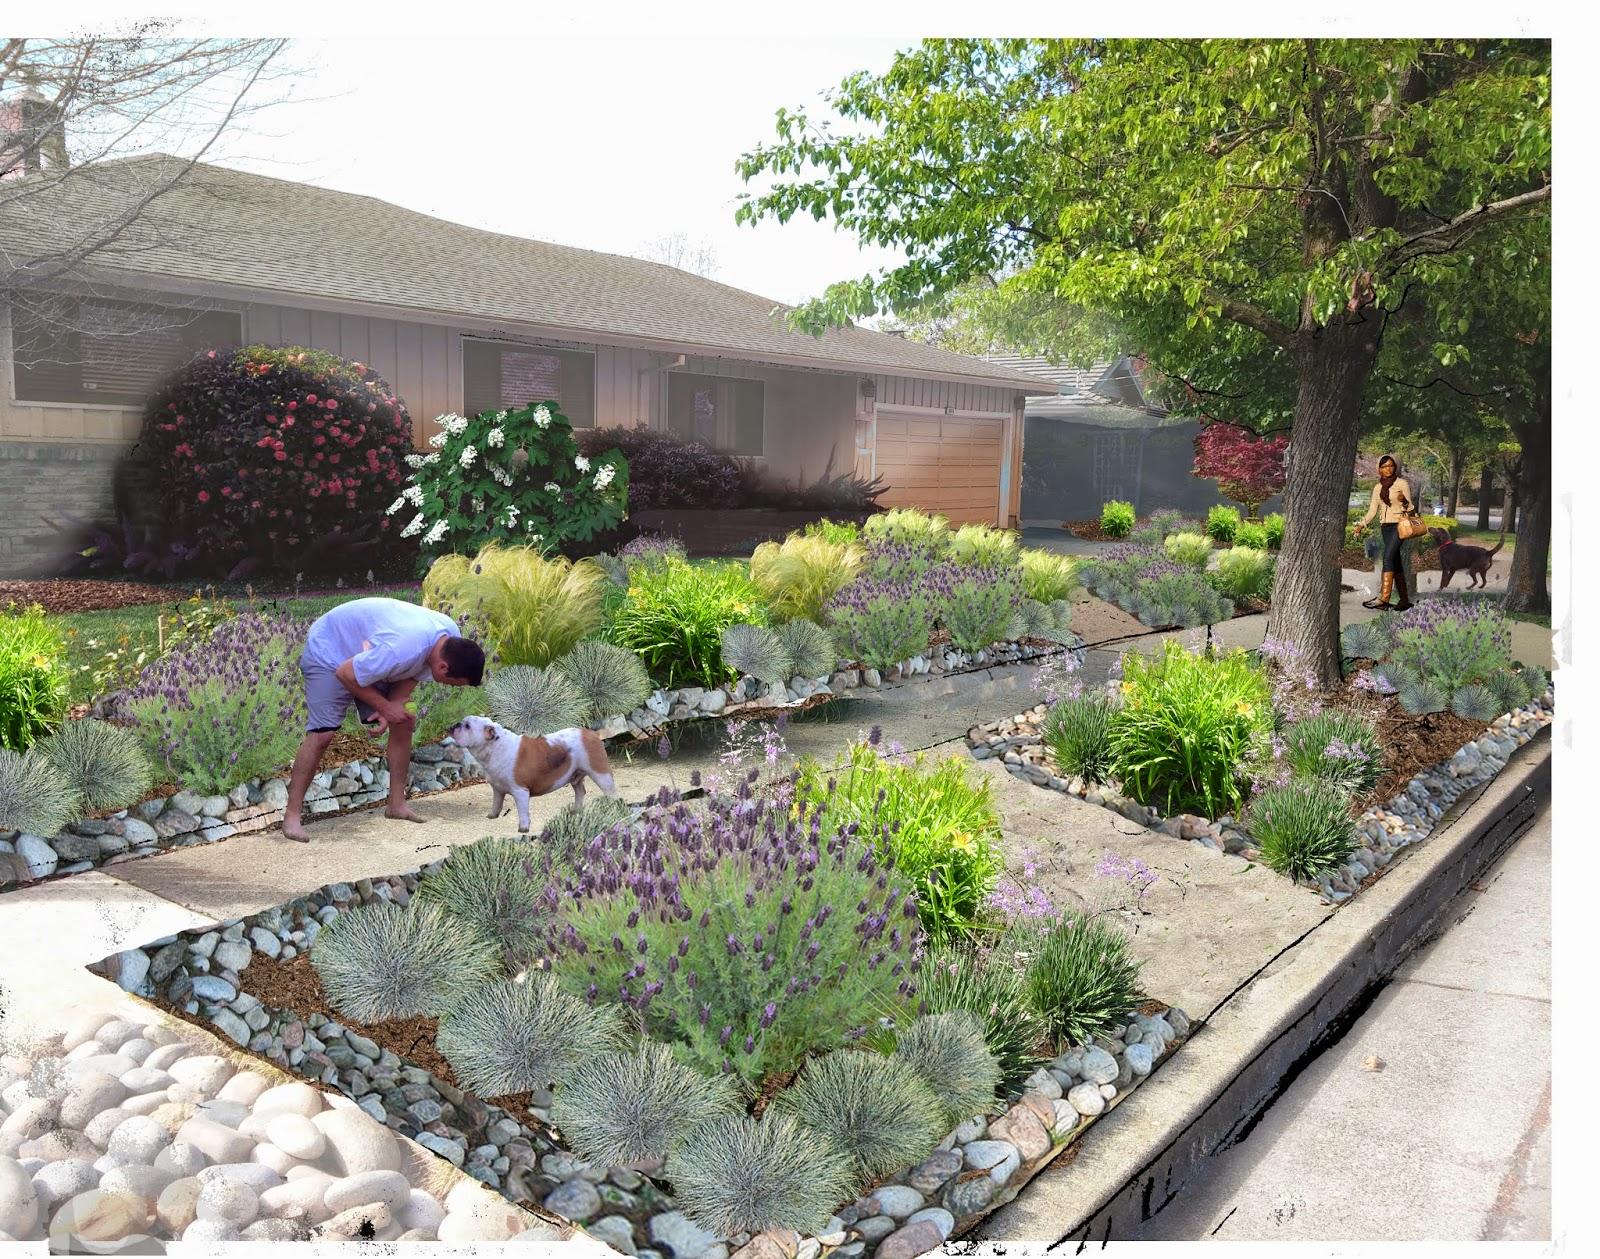 Decanting Landscape Design